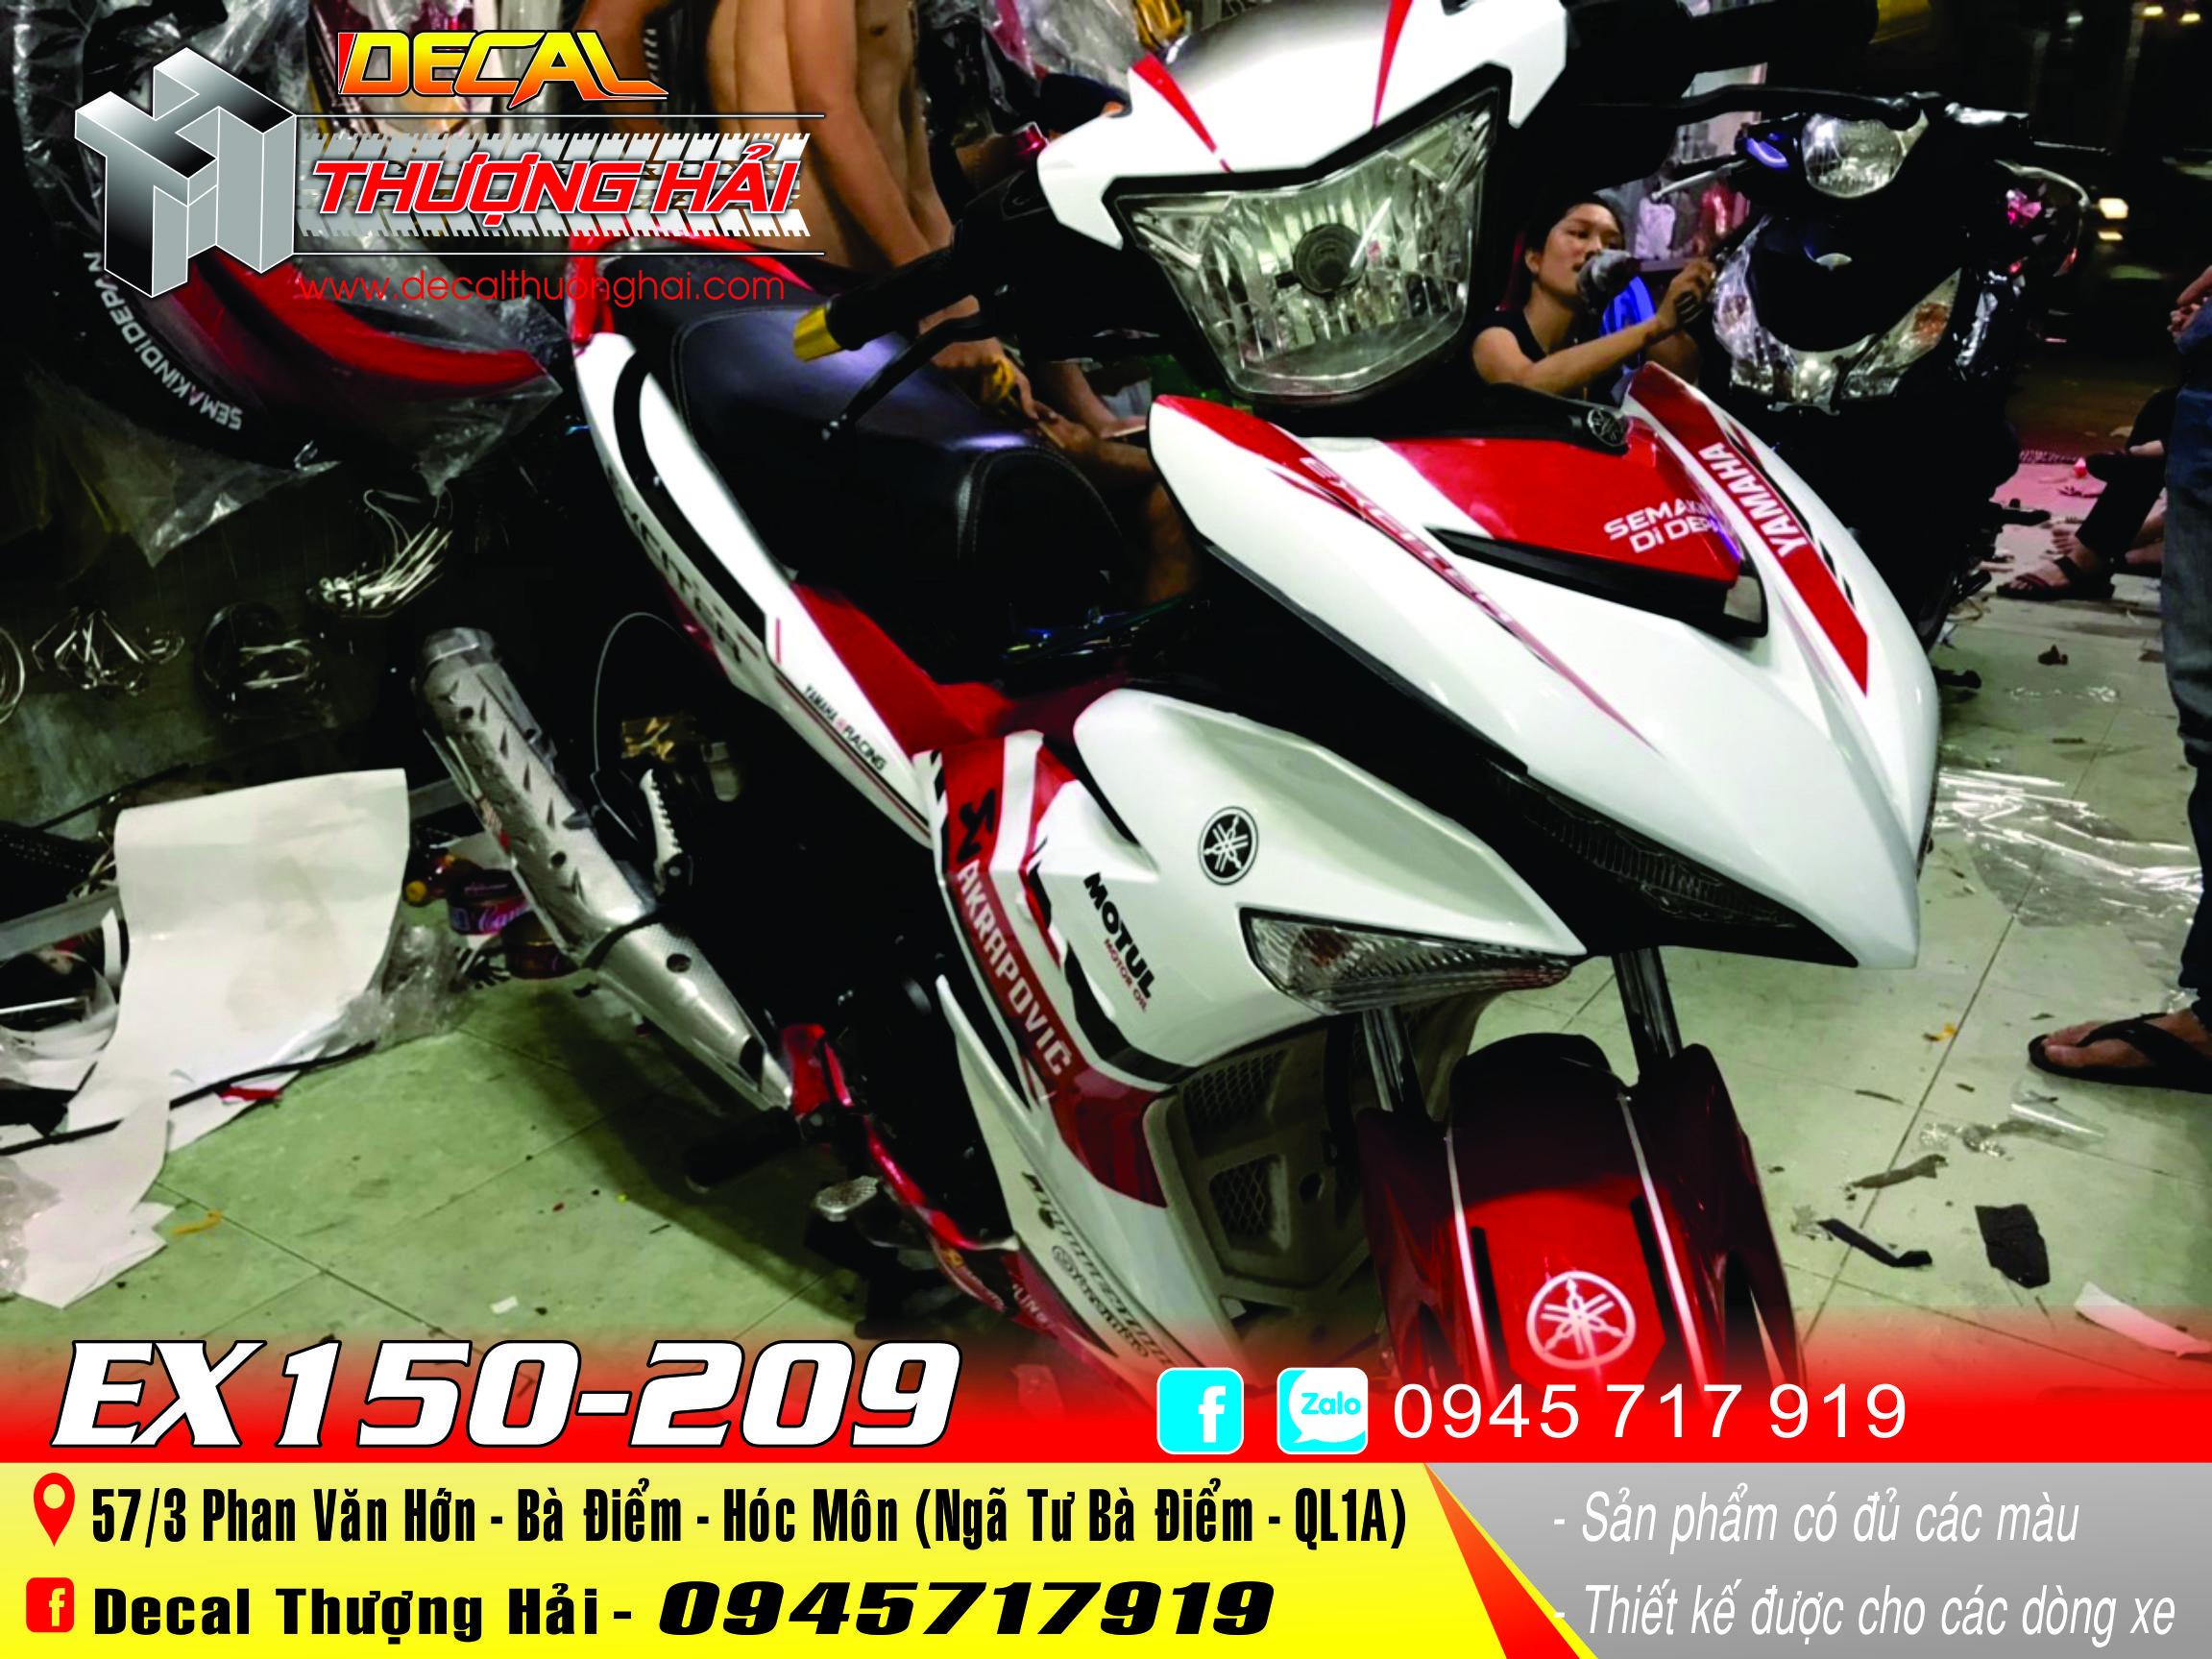 Tem Xe Exciter 150 Trắng Đỏ - 209